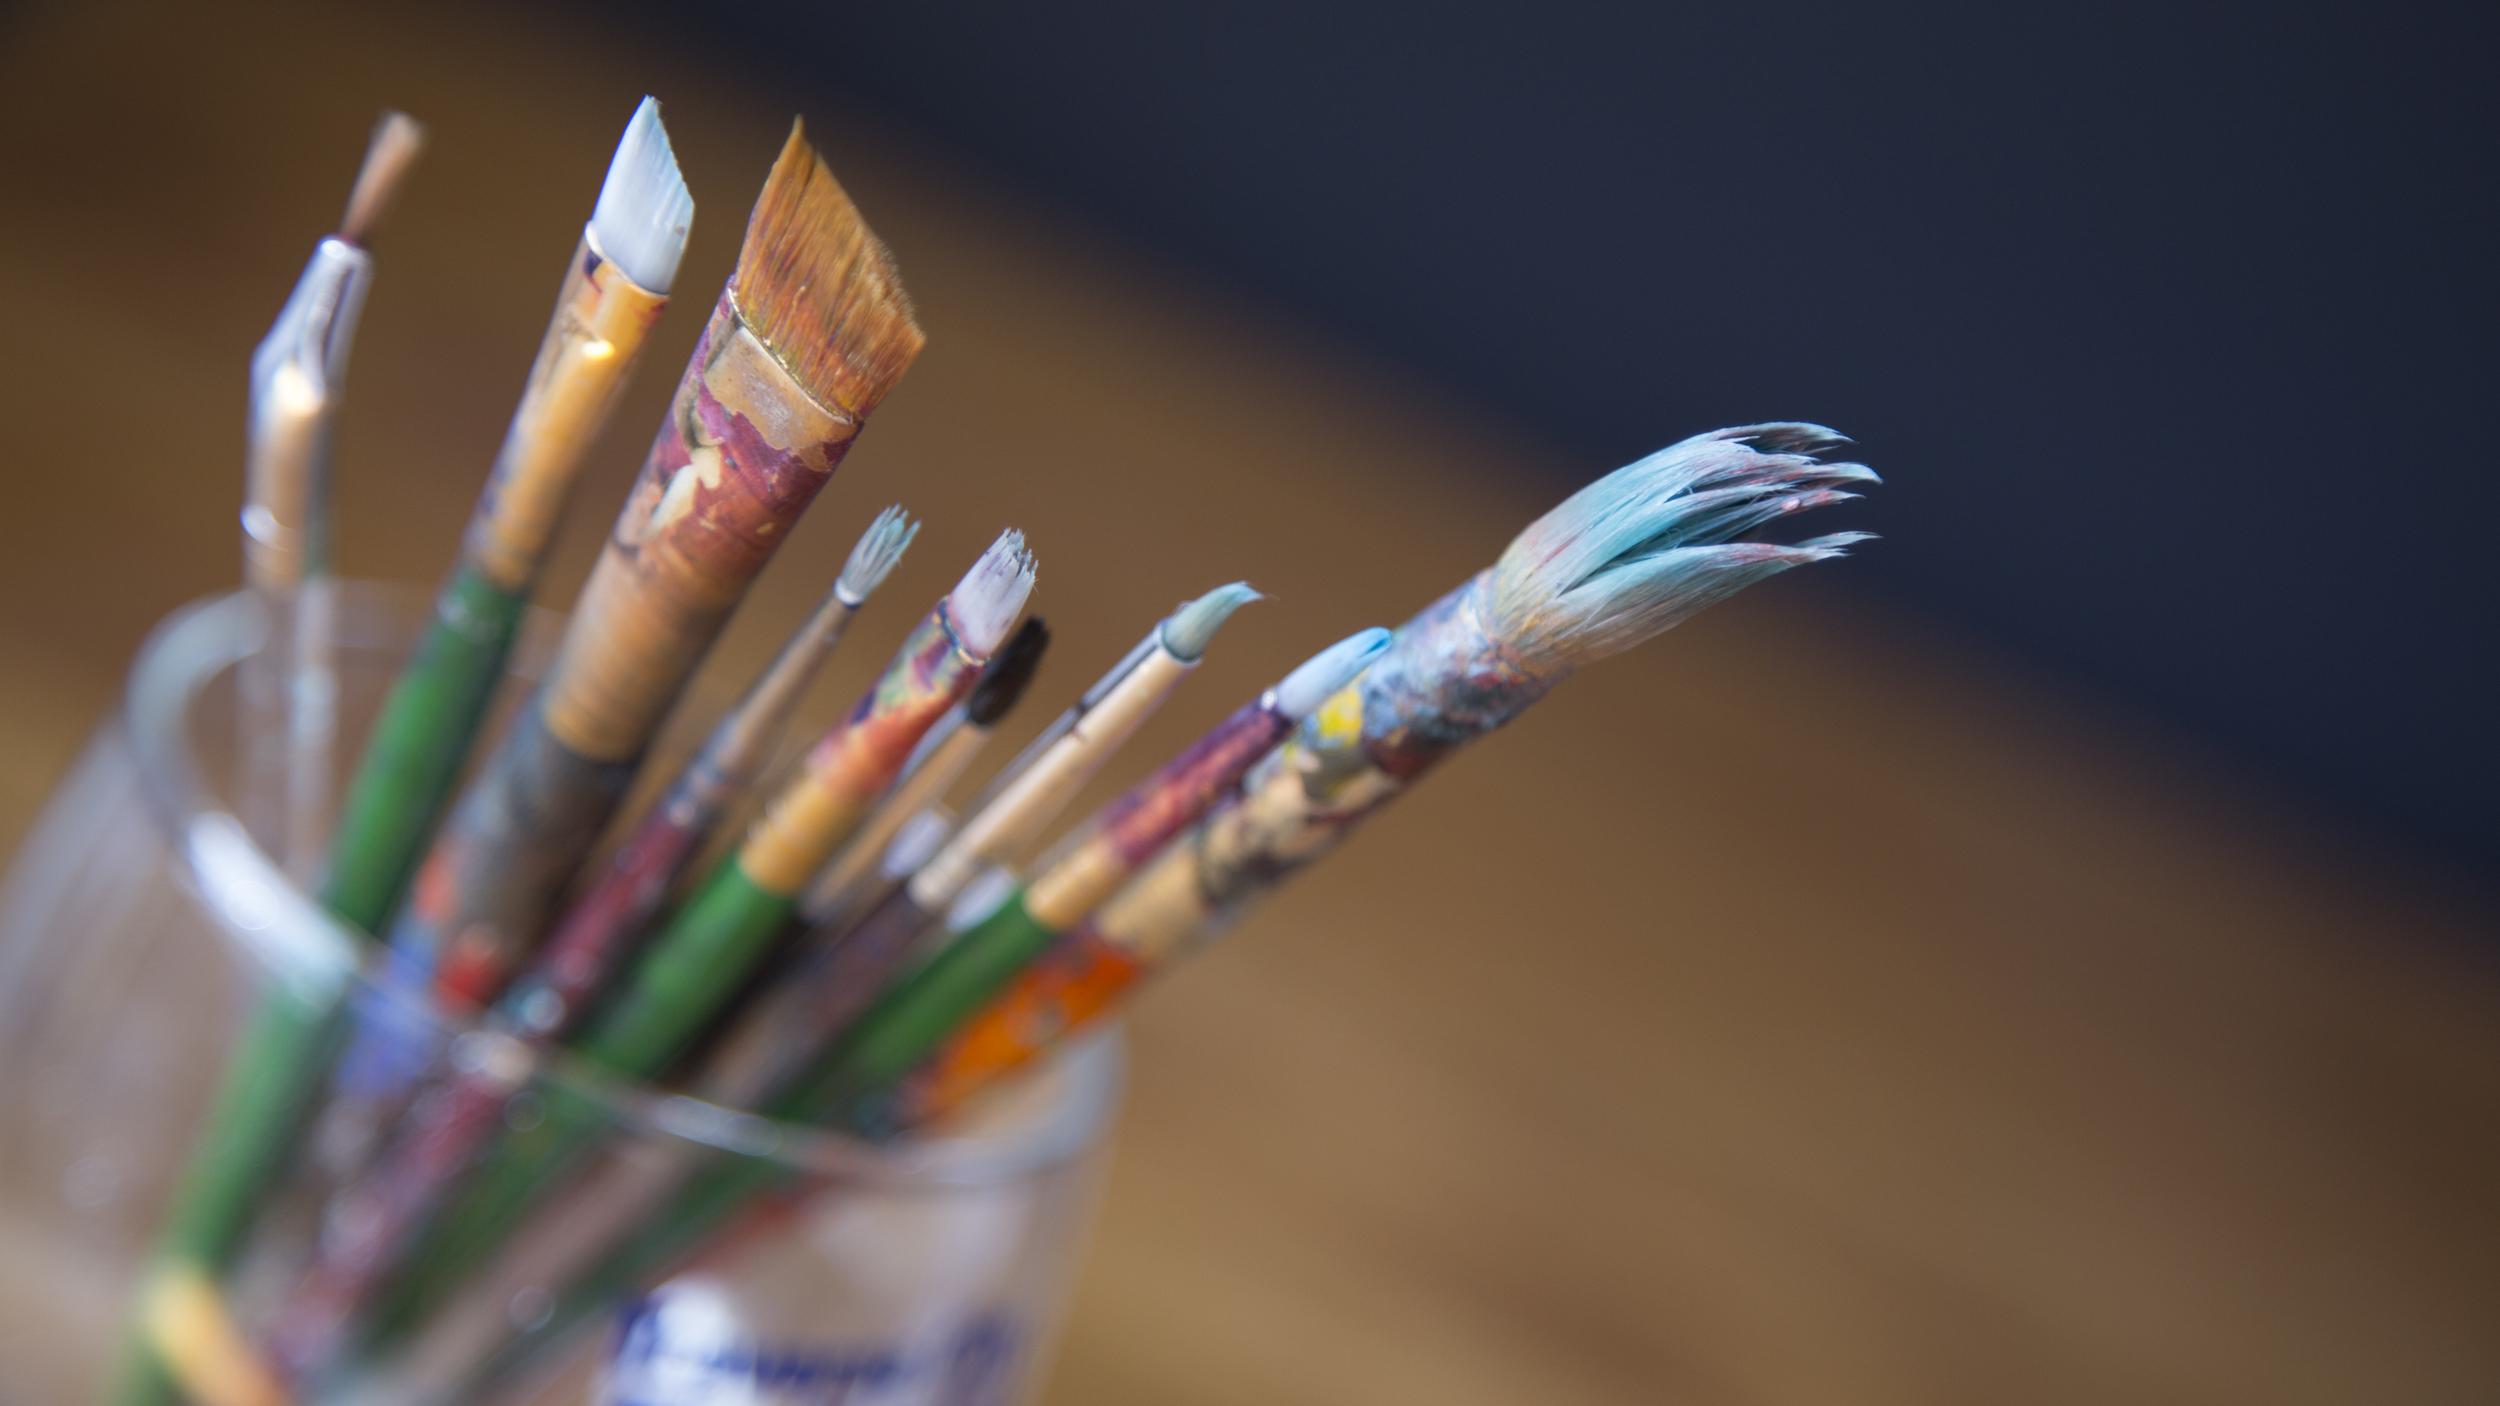 02-19-15_brushes.jpg